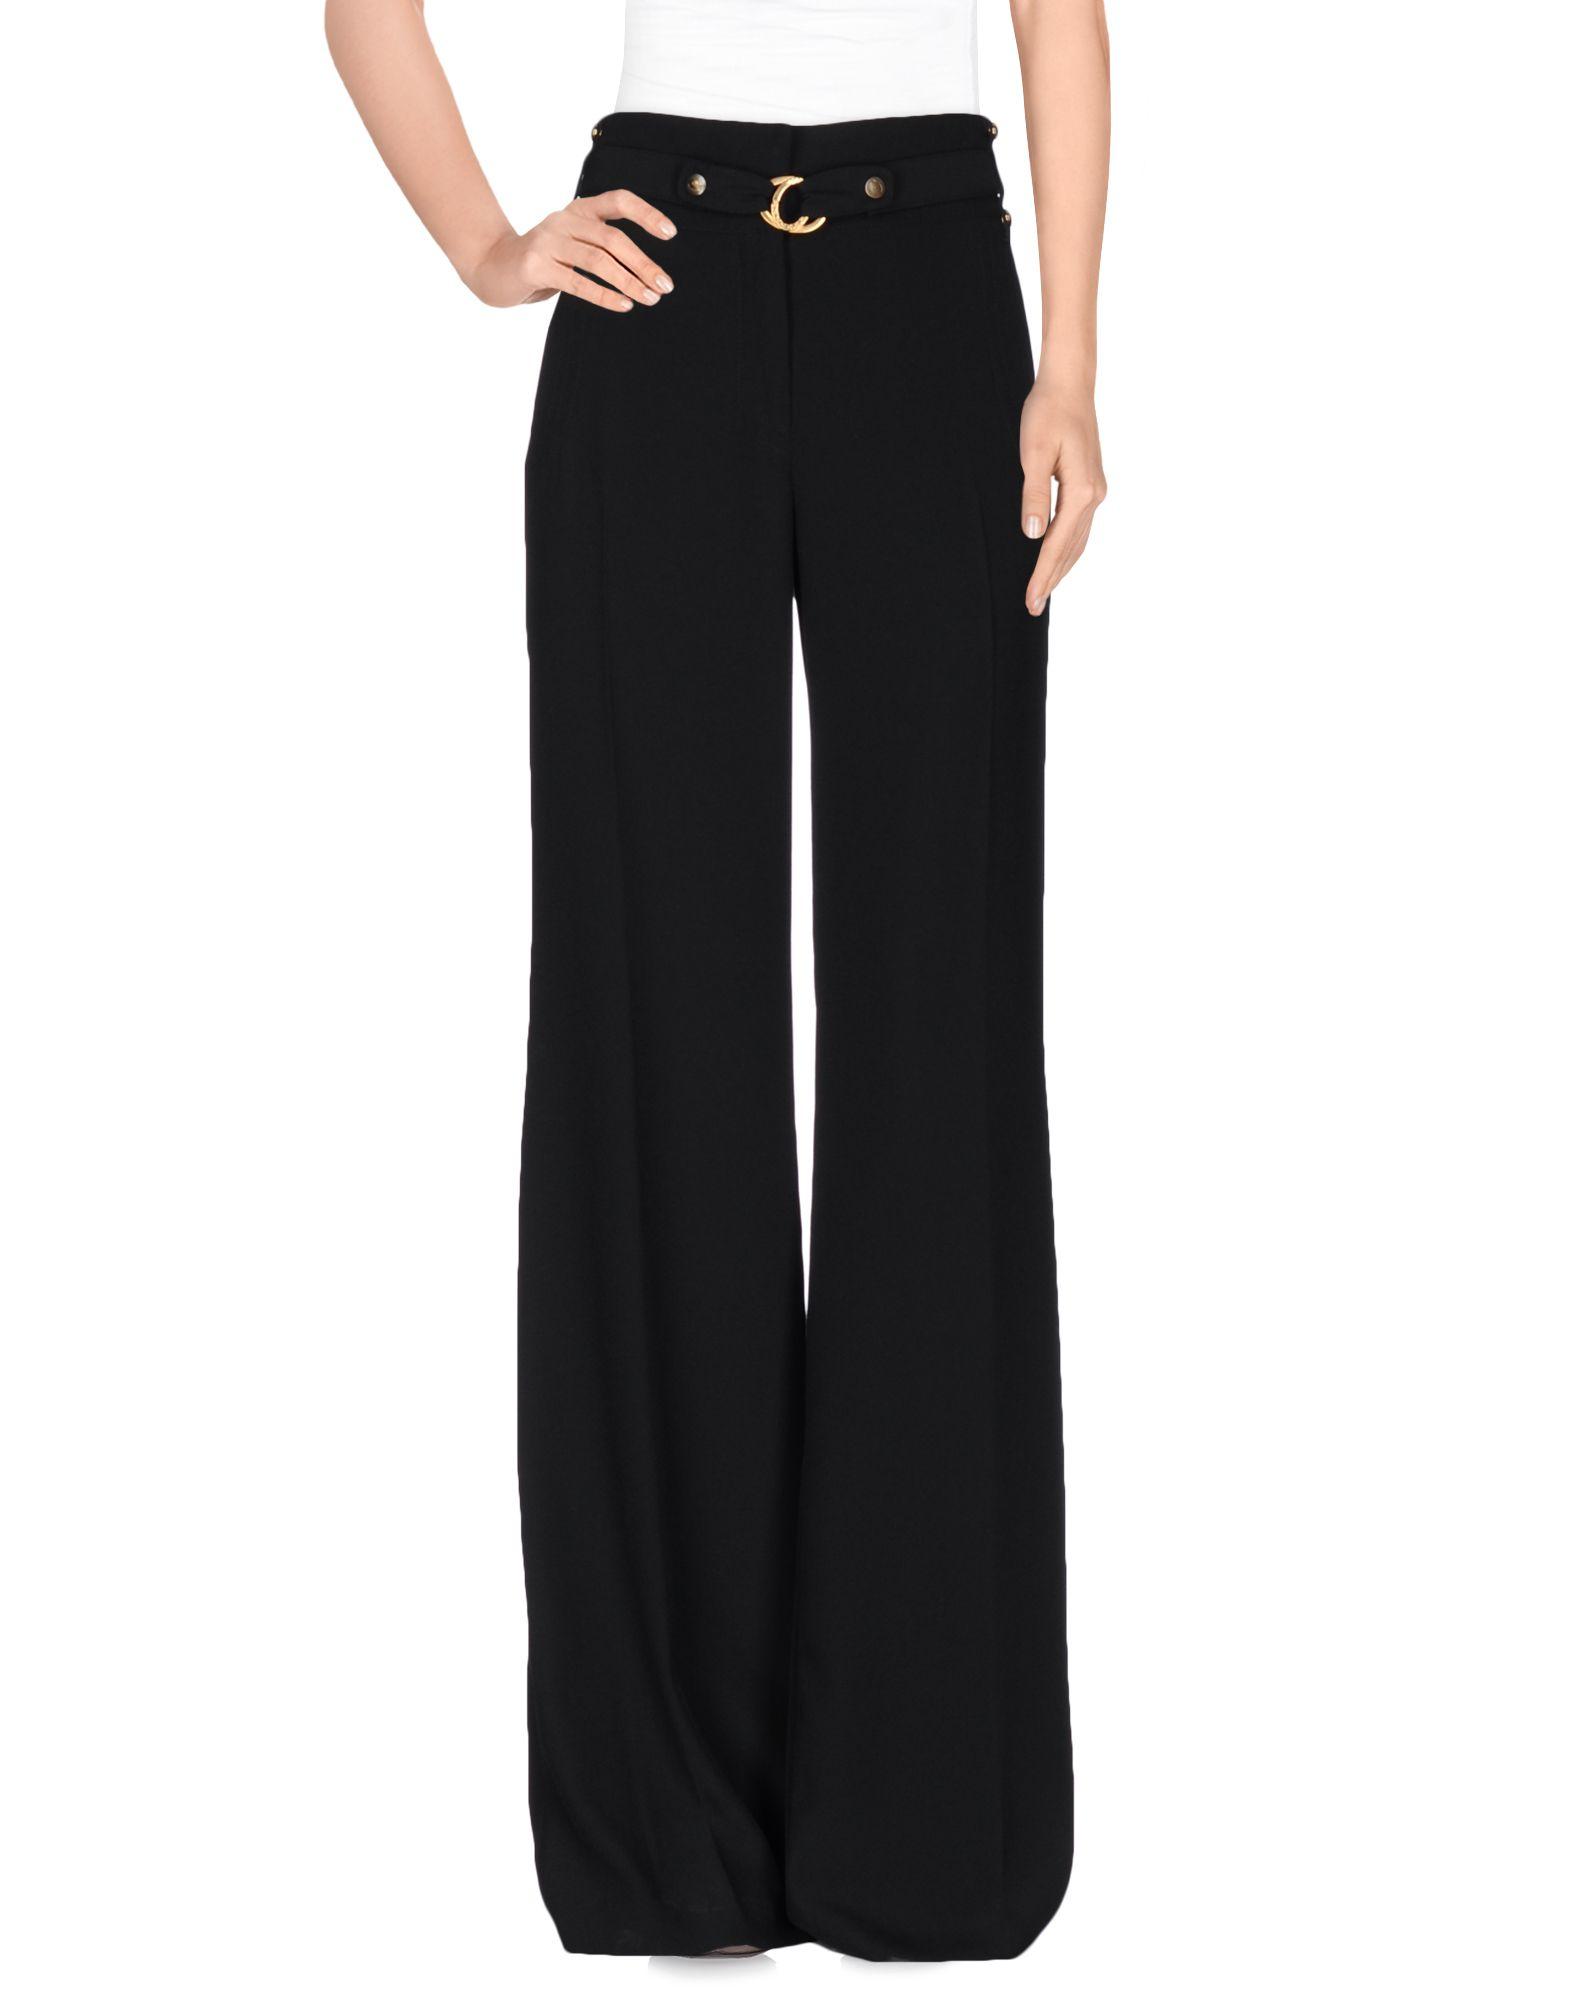 Pantalone Just Cavalli Donna - Acquista online su cAujo